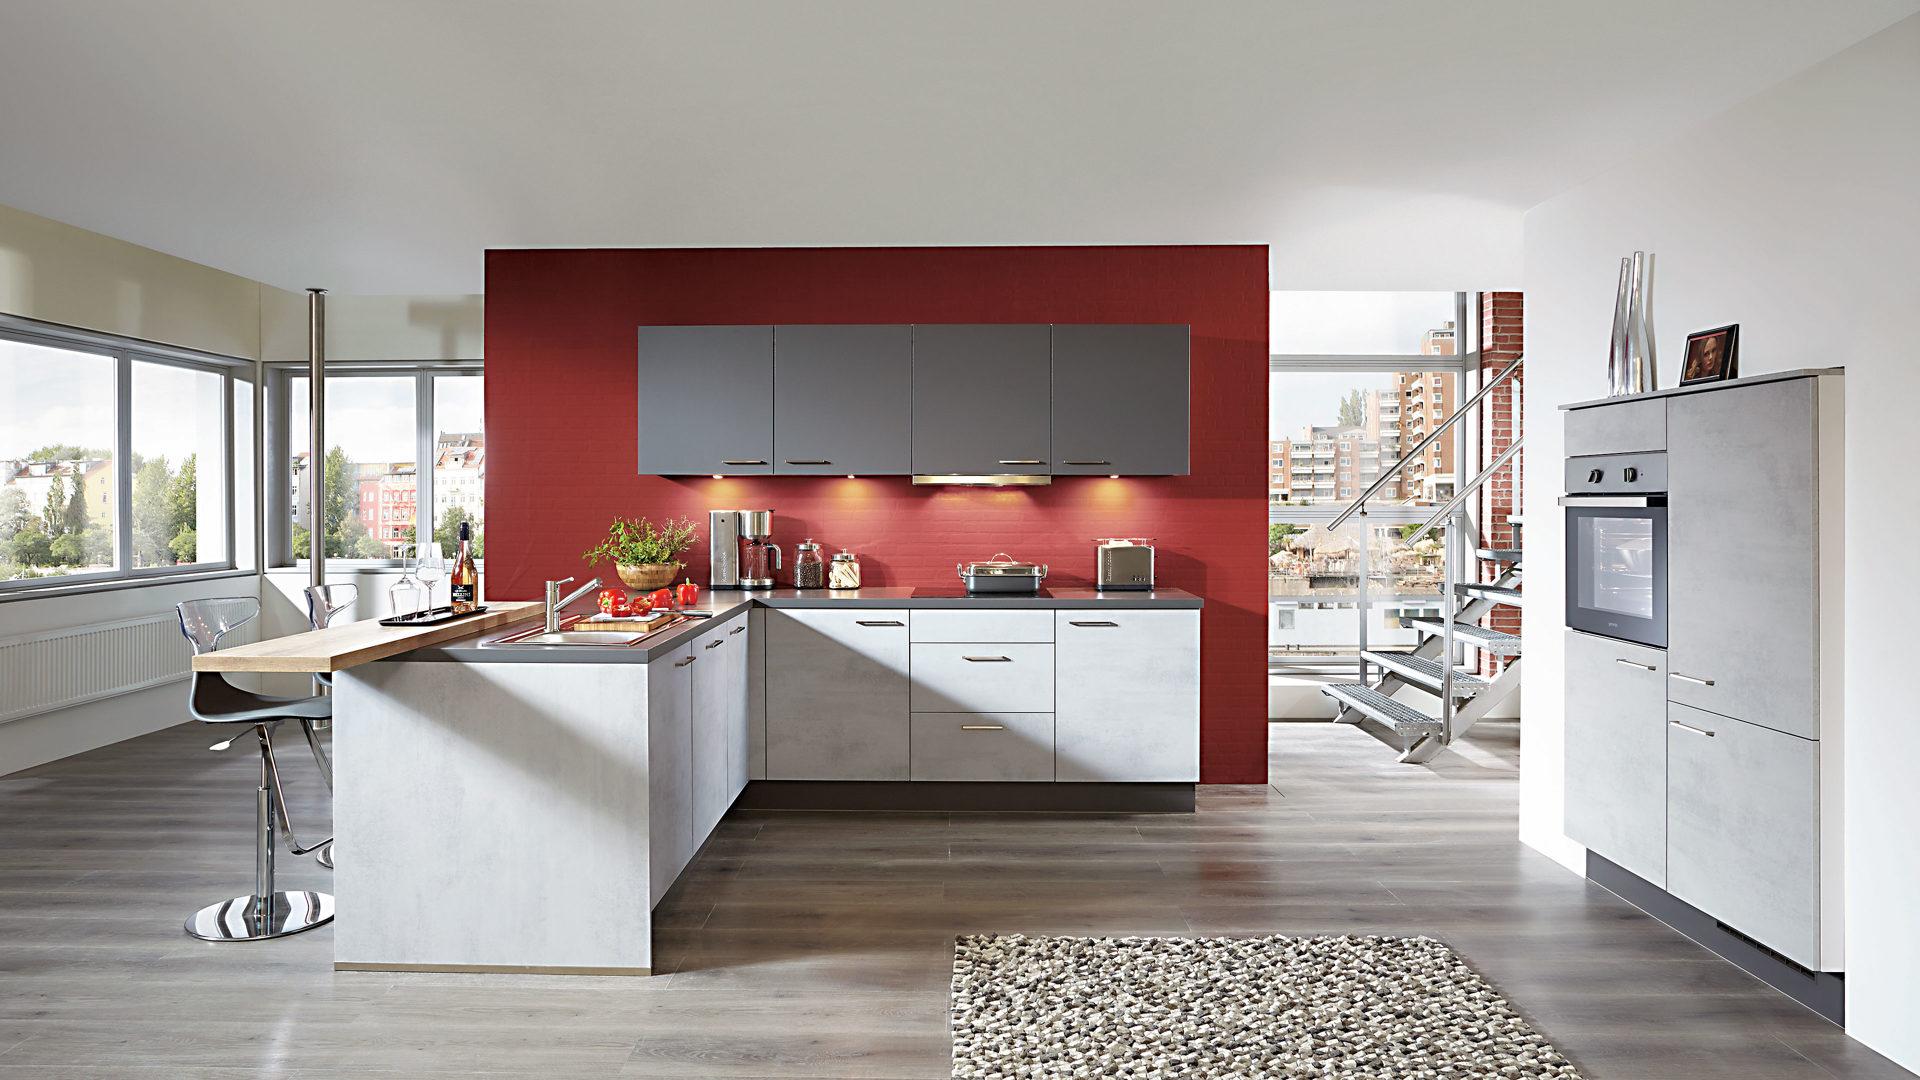 Küchen mit esstheke  Einbauküche mit gorenje-Elektrogeräten und Esstheke, beton ...